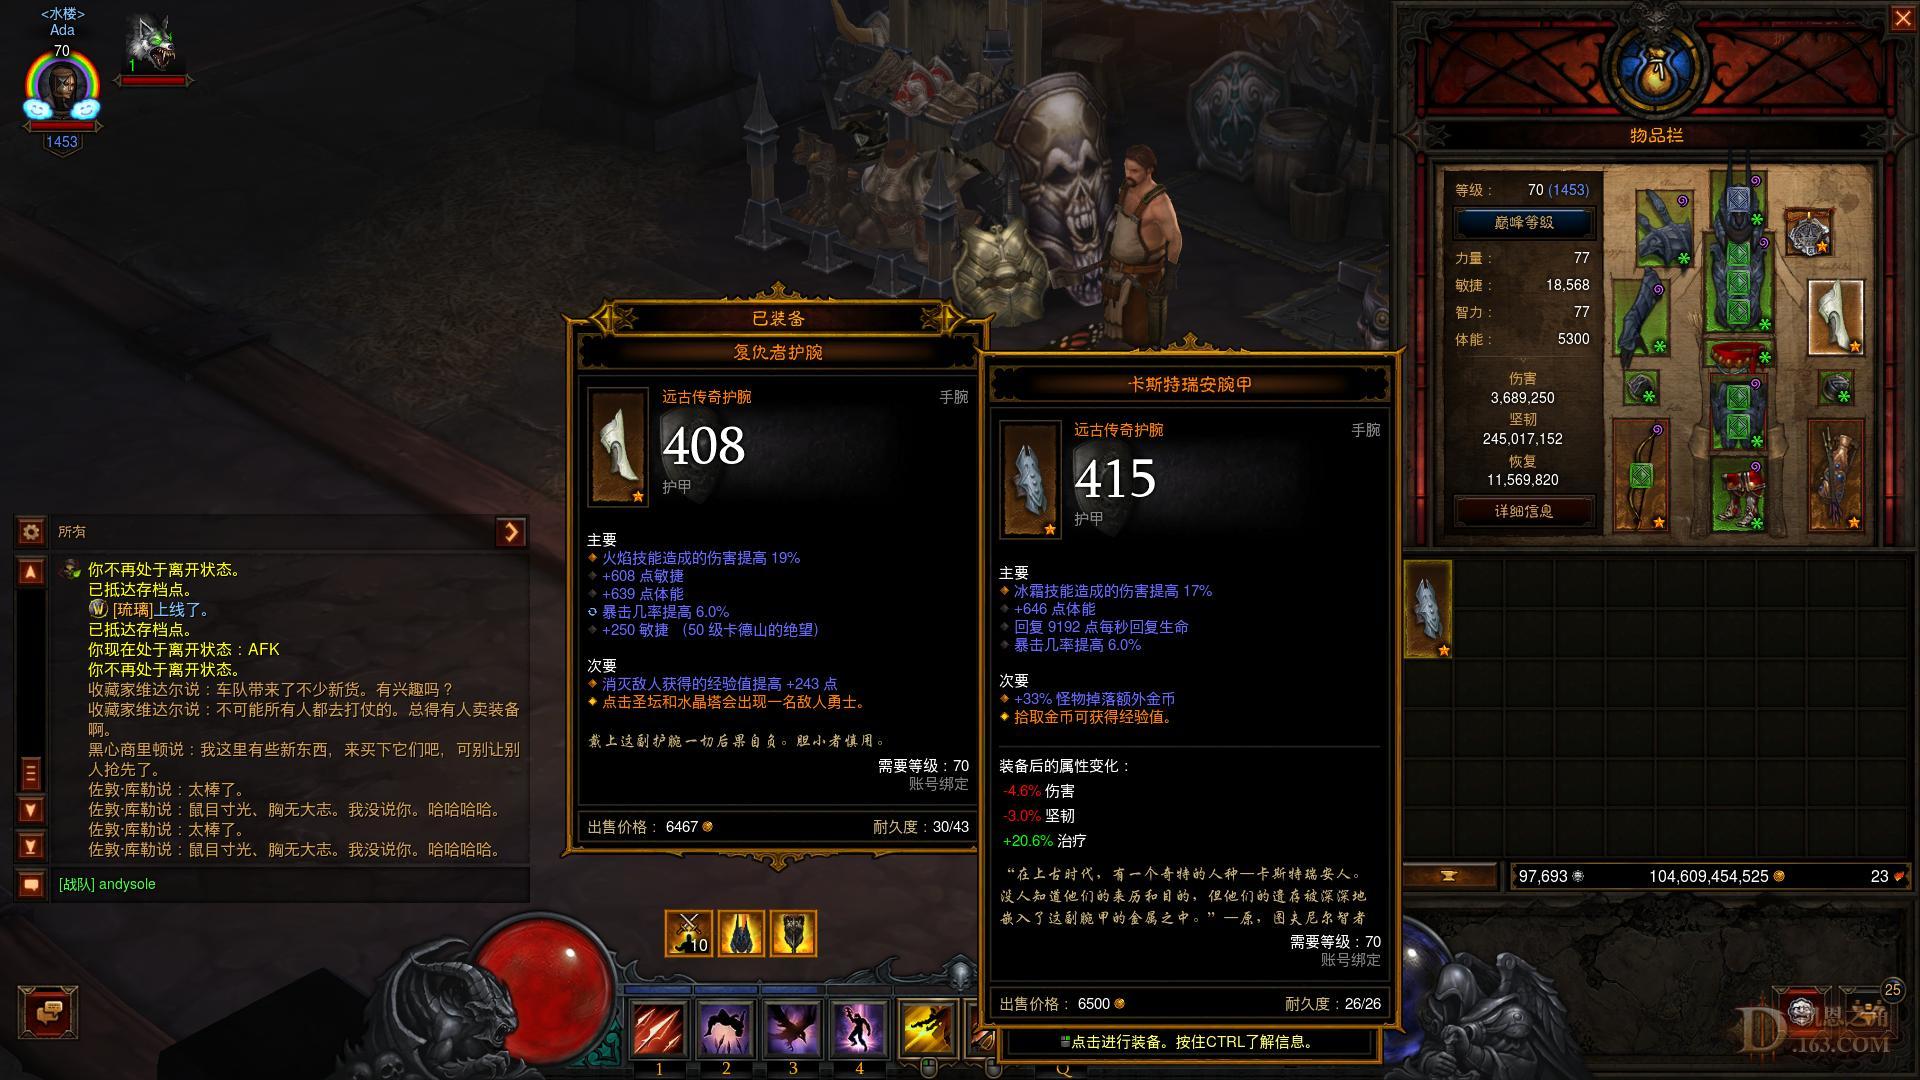 Diablo III 2020-01-20 21-58-40-06.jpg